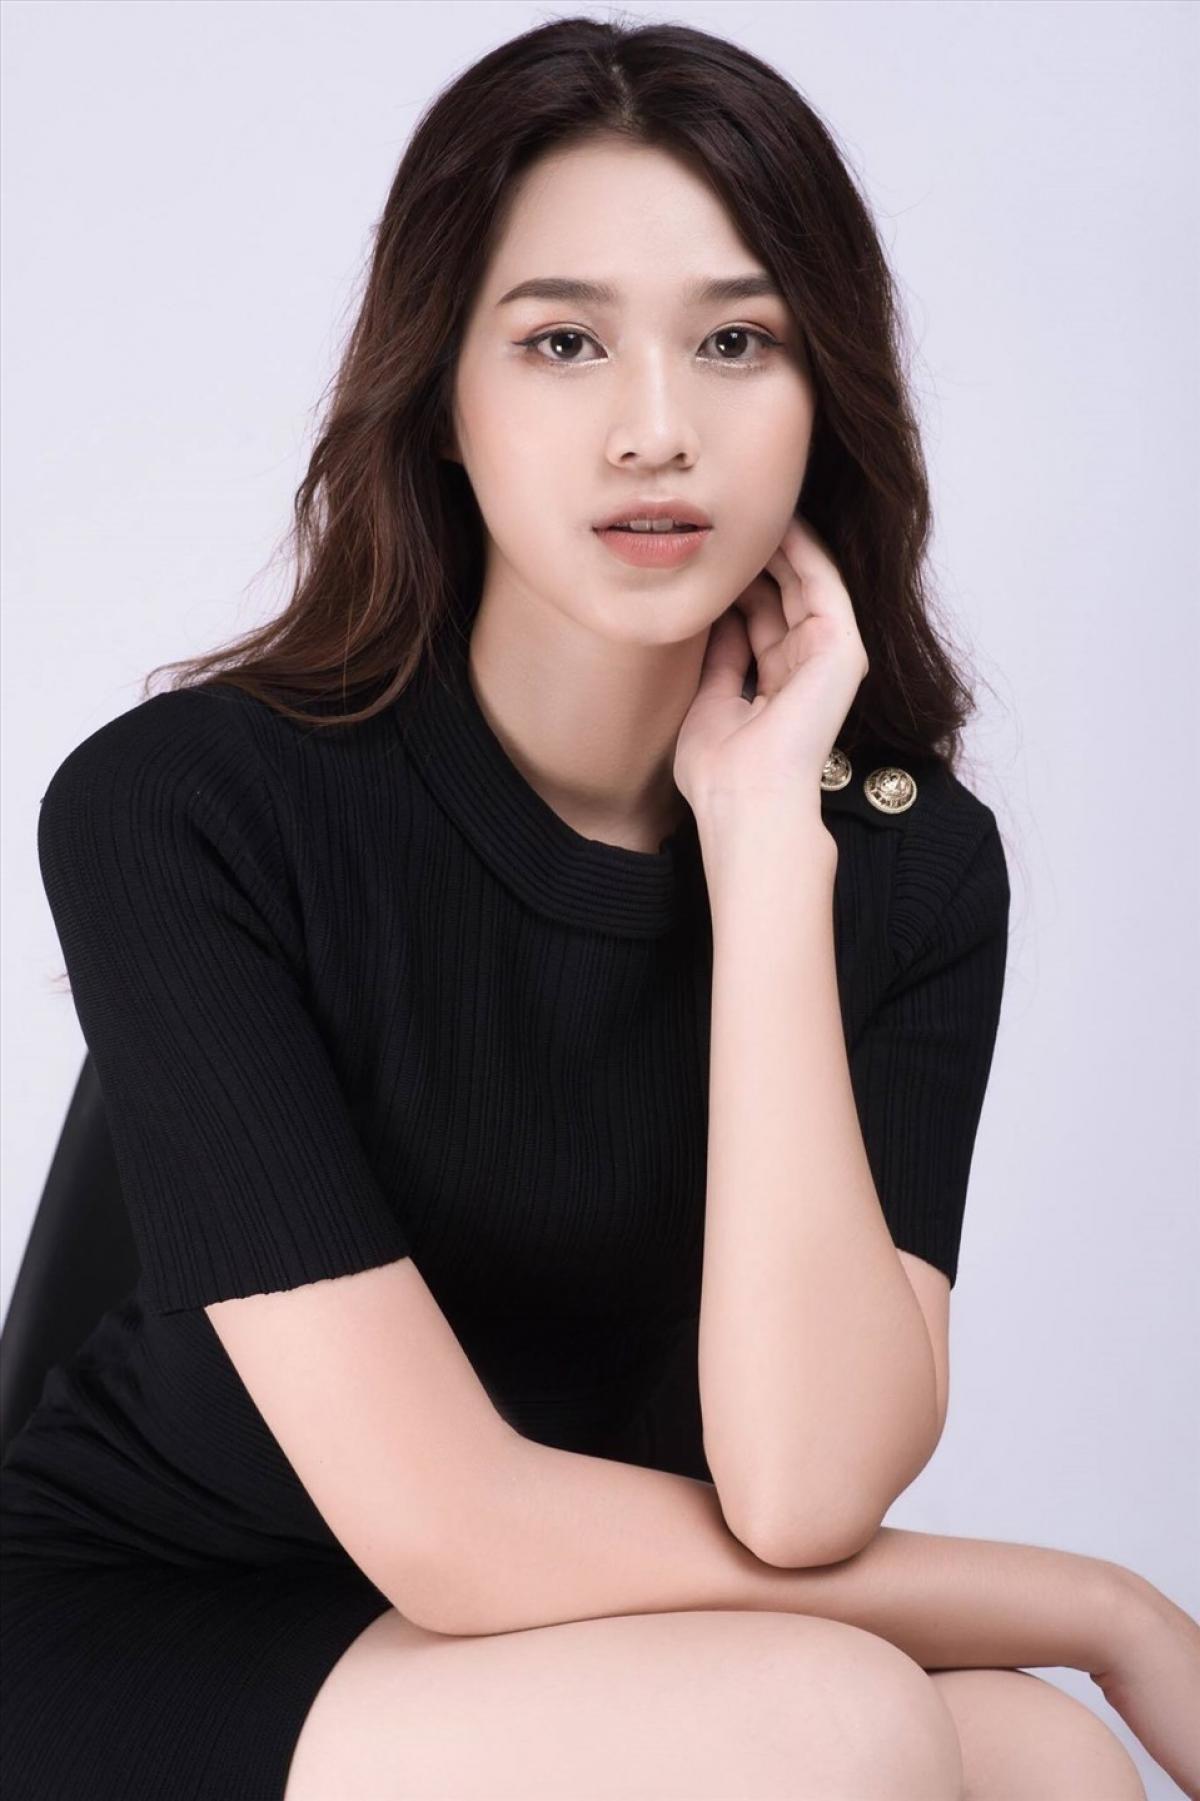 Tân Hoa hậu có gương mặt sáng, thanh thoát với các đường nét ấn tượng.